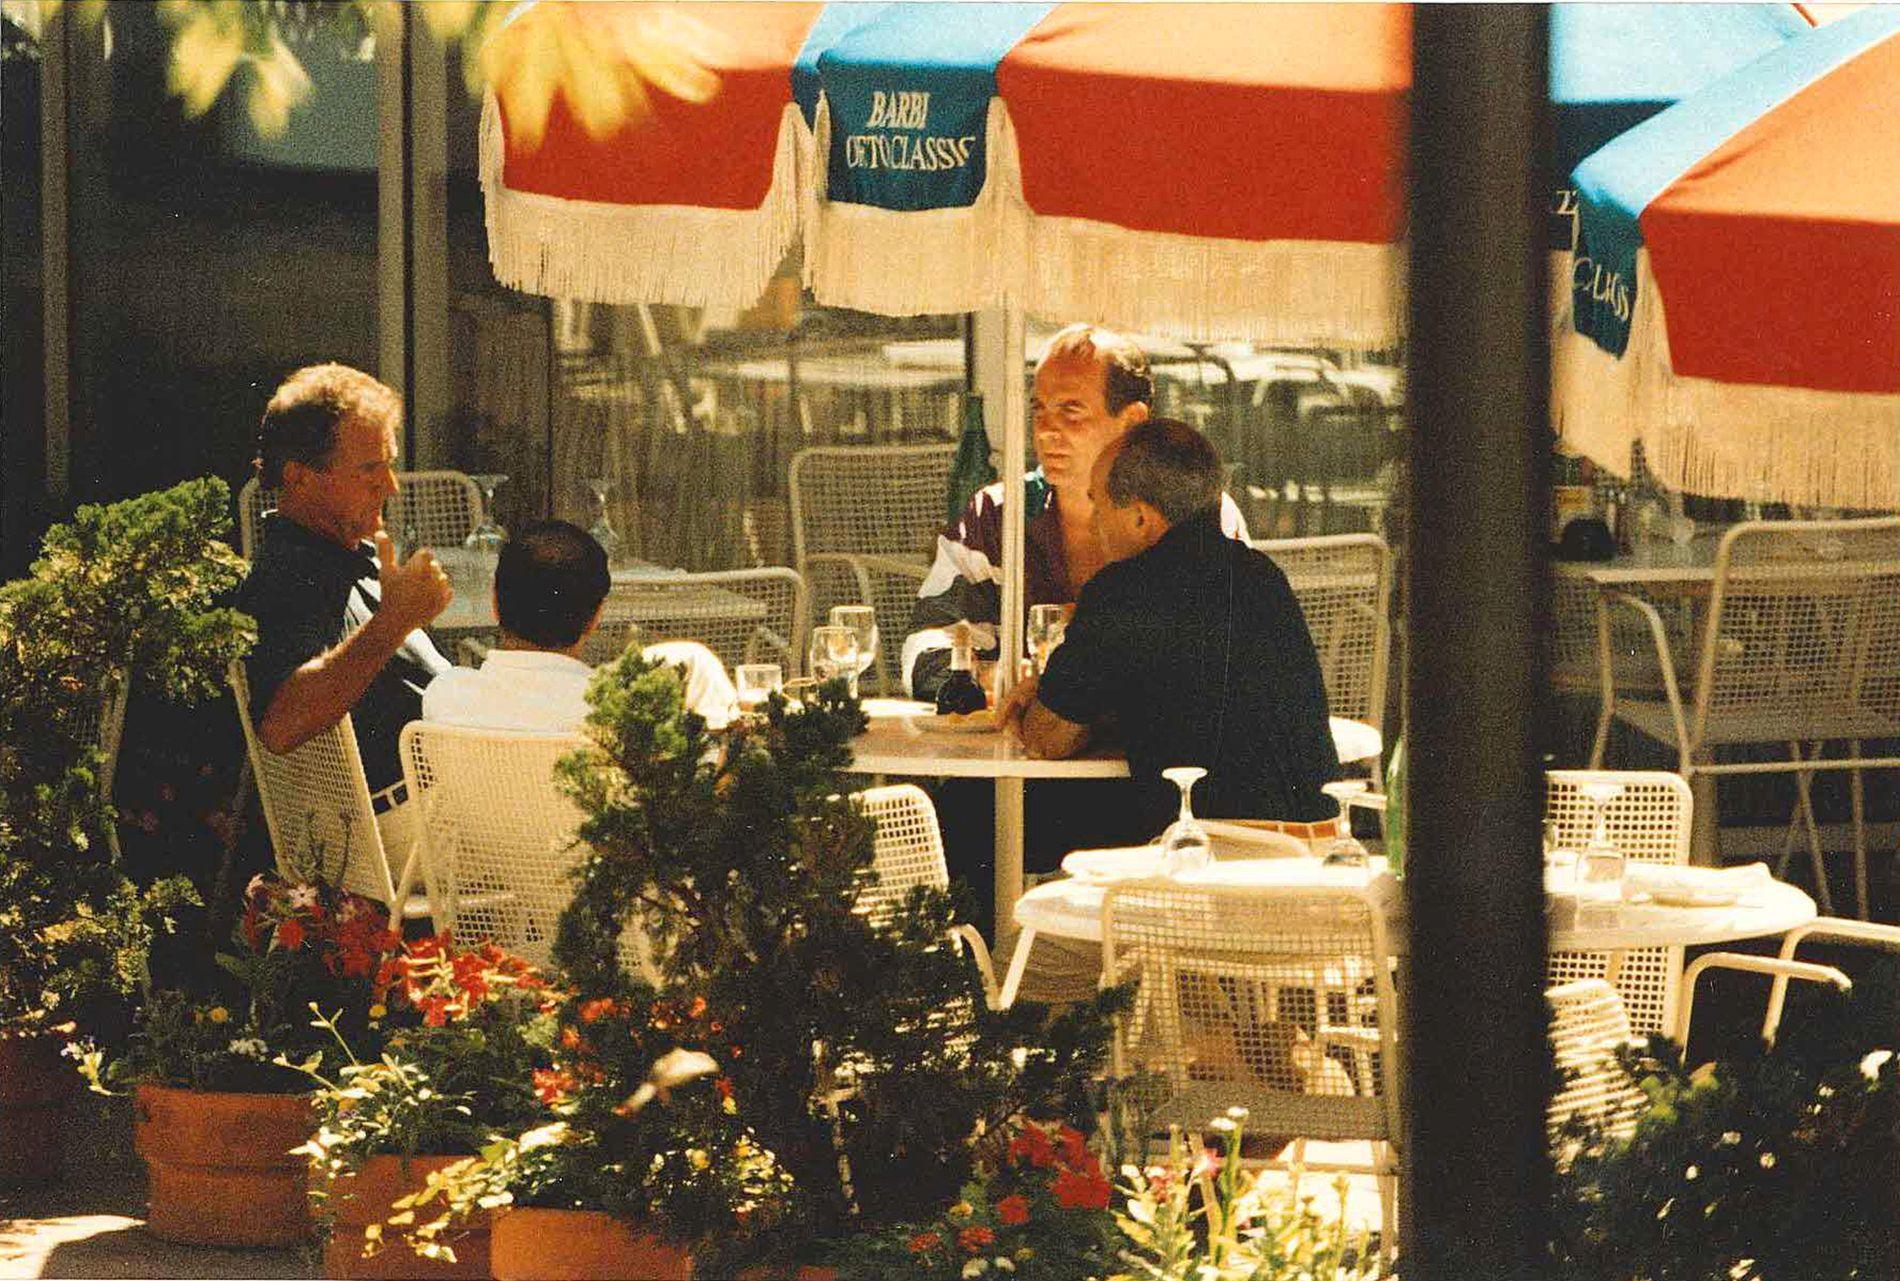 BLE OVERVÅKET: F.v. Tidligere mafiaboss Francis «Cadillac Frank» Salemme, hans parter Stephen «The Rifleman» Flemmi, sønnen Francis Salemme Jr. og Luigi Manocchio på et bilde tatt av FBI i 1993.